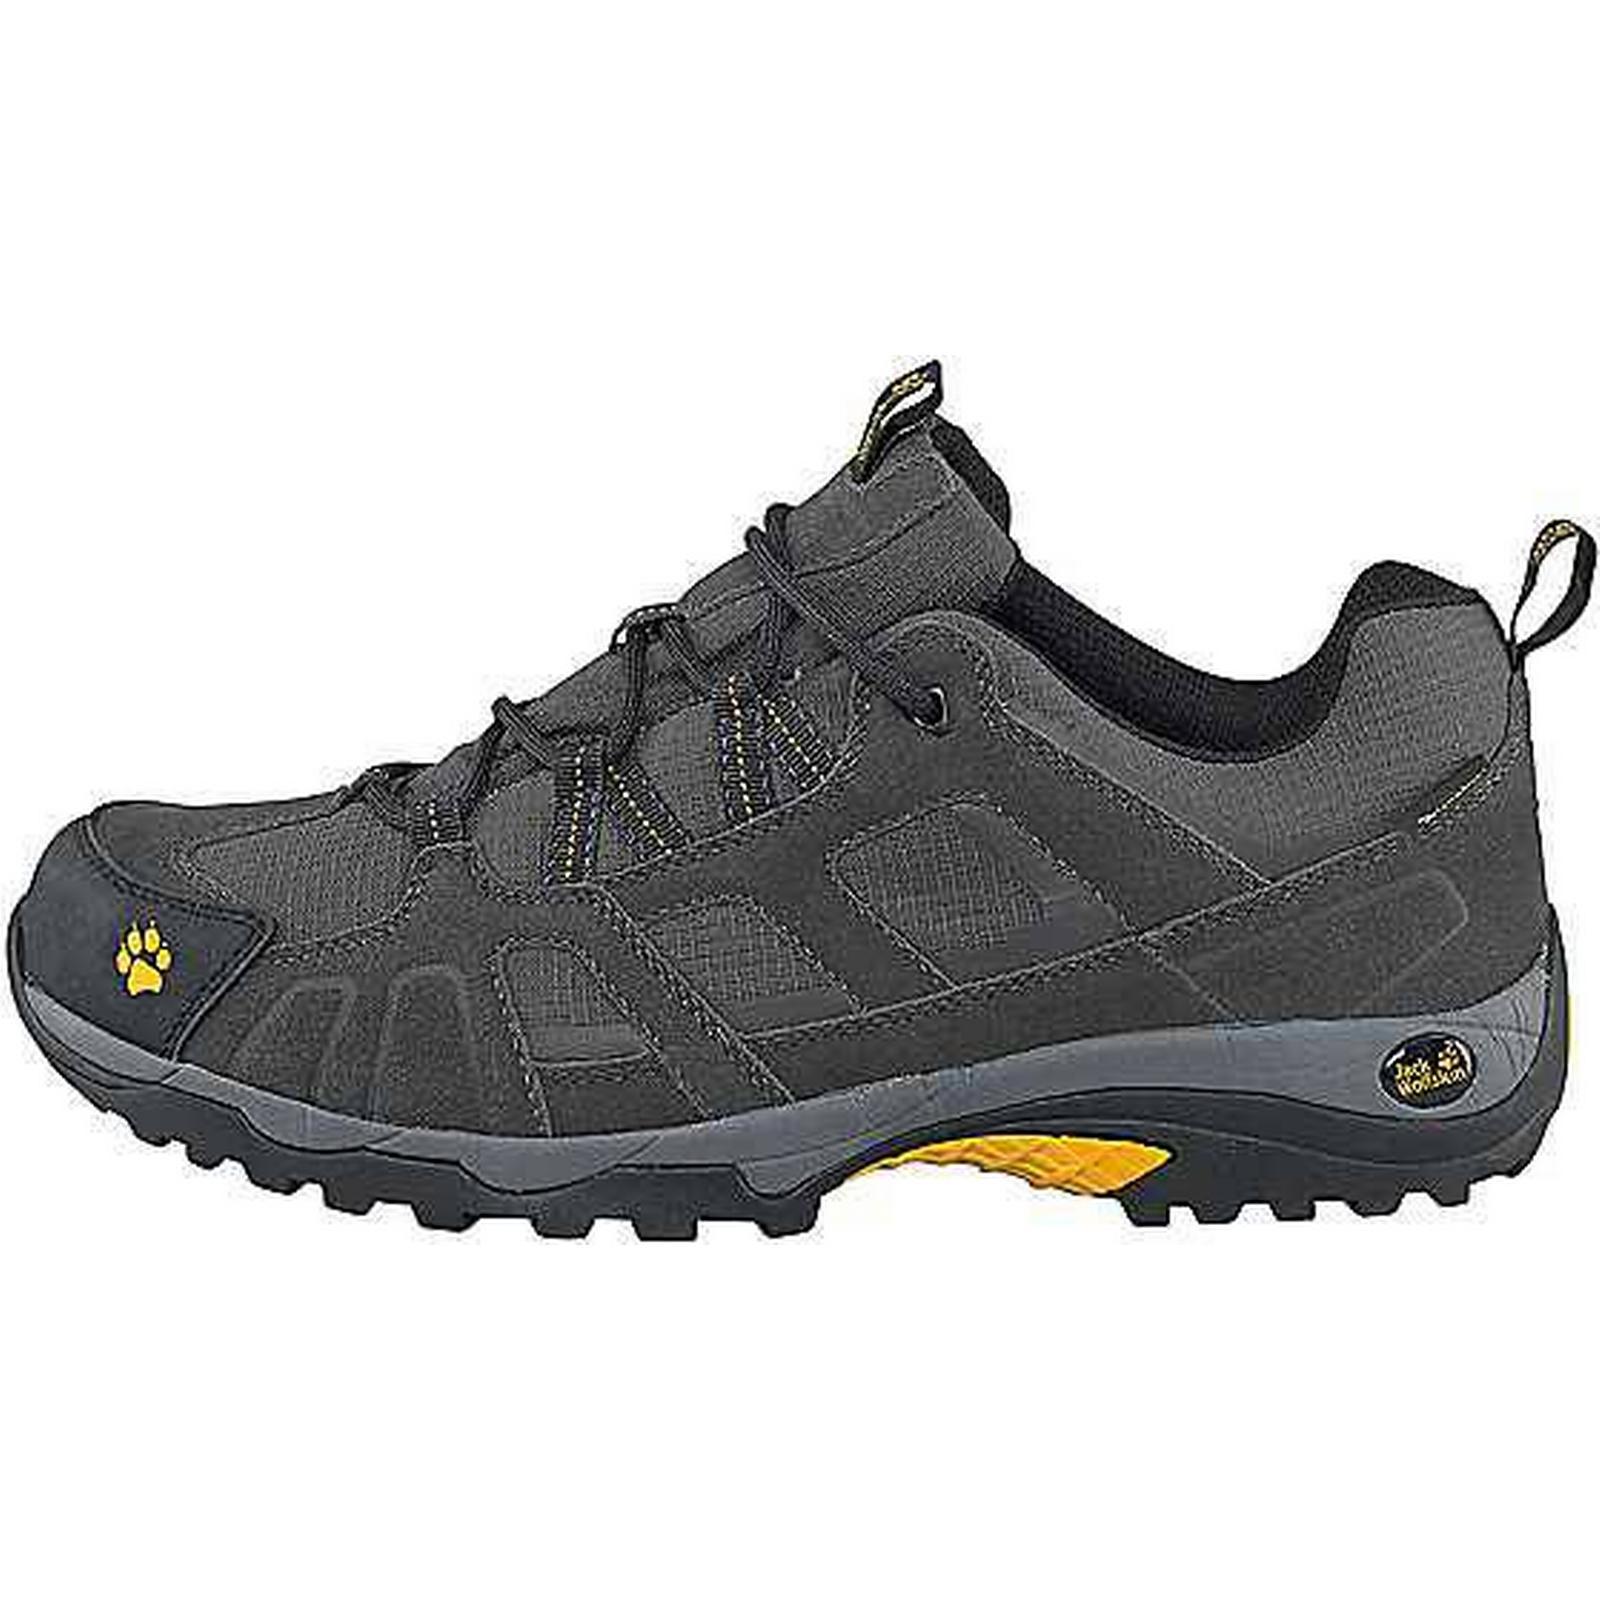 Jack Wolfskin by &#x27;Vojo Hike Texapore&#x27; Outdoor Shoes by Wolfskin Jack Wolfskin<Man's/Woman's<high quality afa8f1